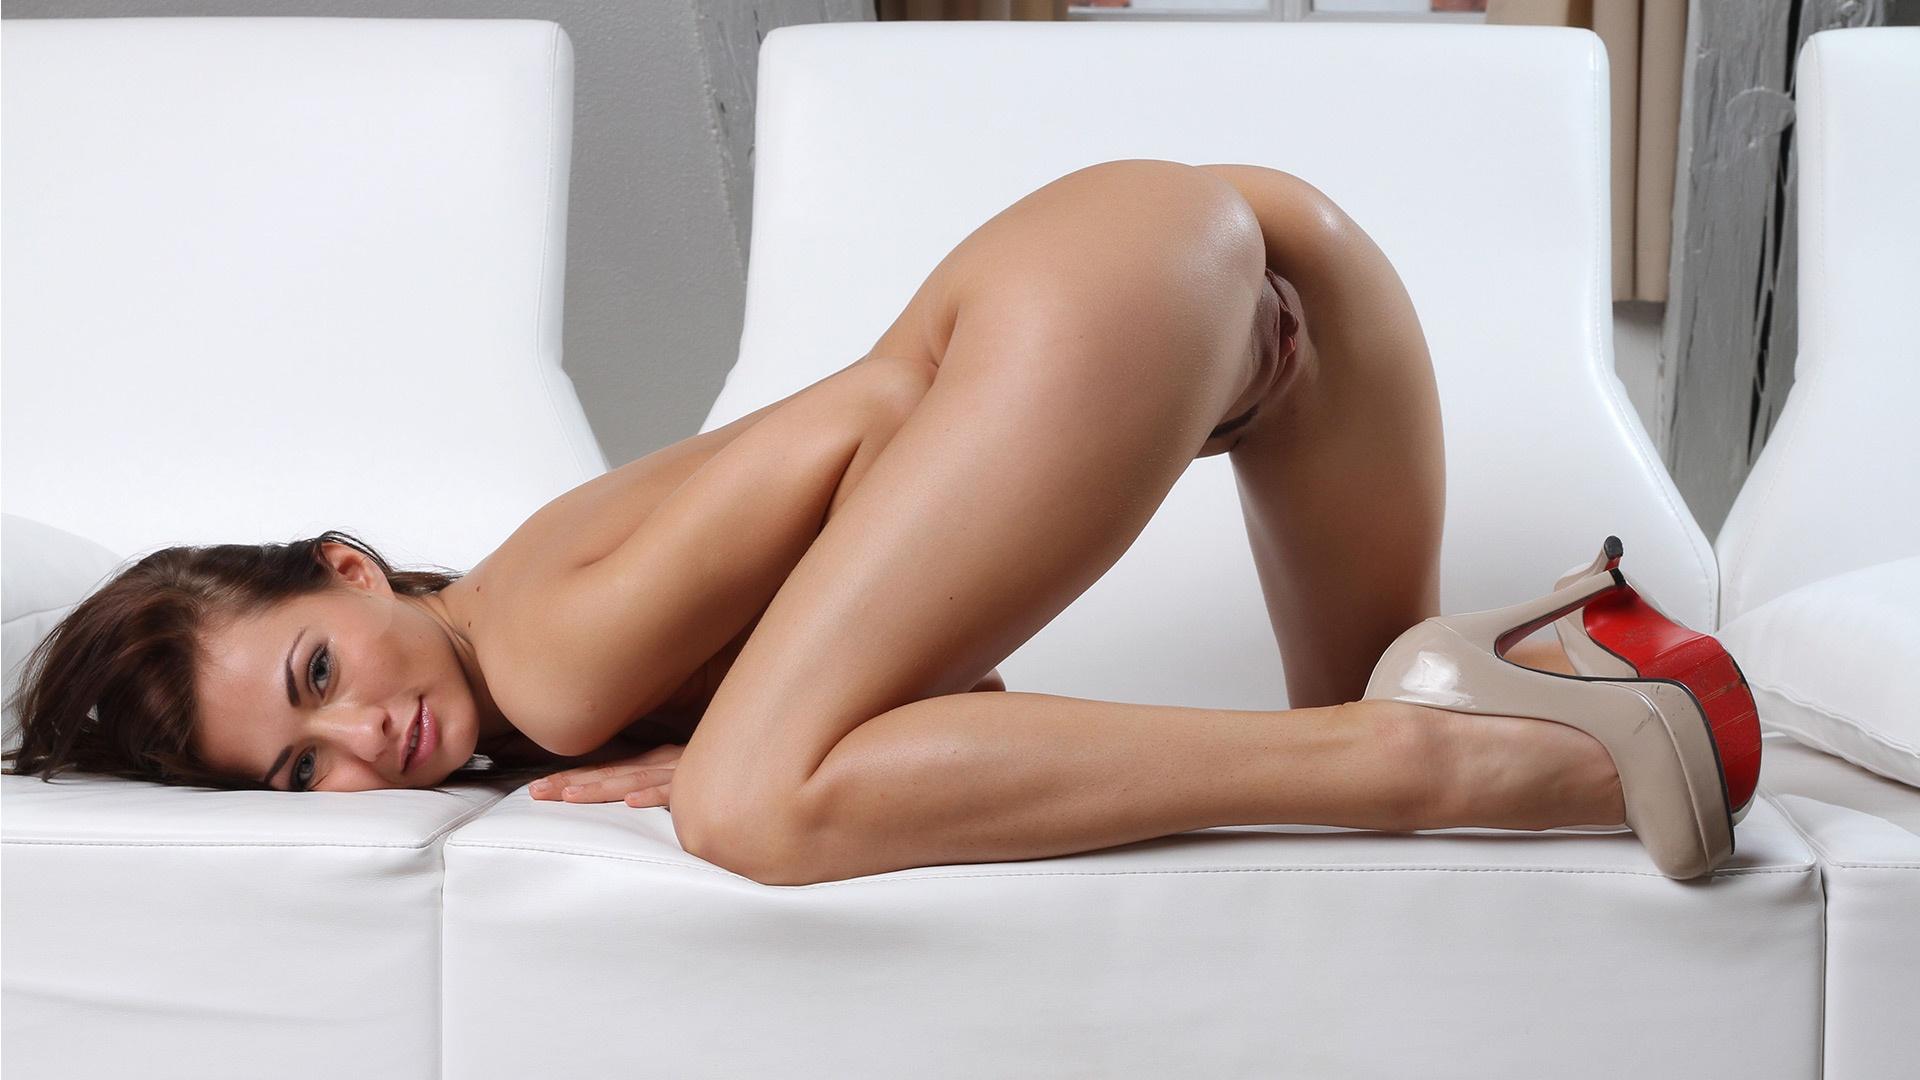 Perfect ass hd porn